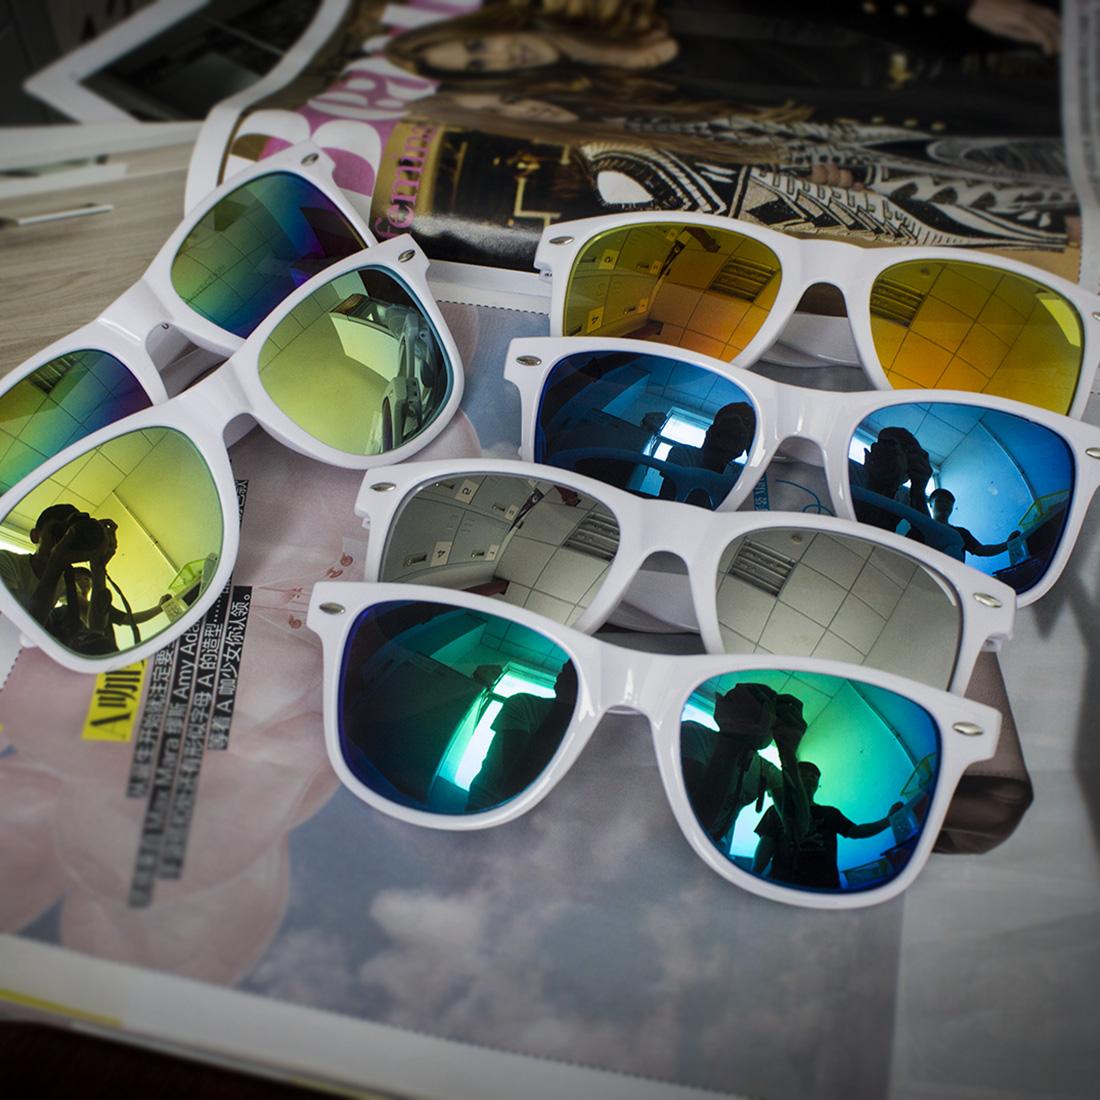 Cool Lunettes de soleil Emoji Keyholder Whats App les deux côtés Metal / Glass 3cm b7dnj2YL